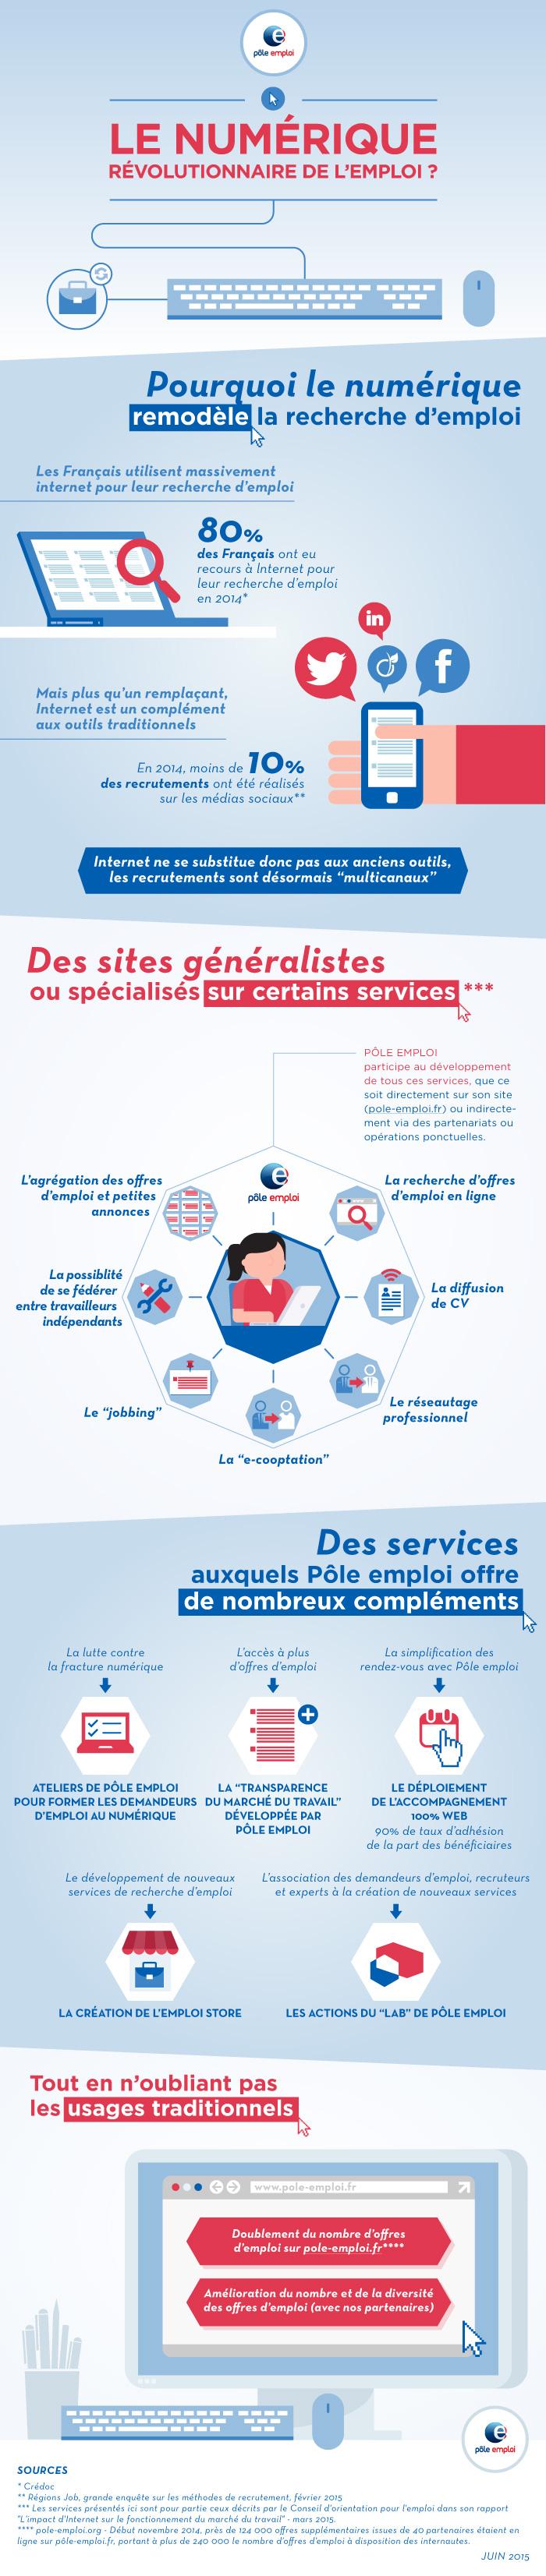 Infographie Le Numerique Revolutionnaire De L Emploi Pole Emploi Org Recherche Emploi Pole Emploi Emploi Formation